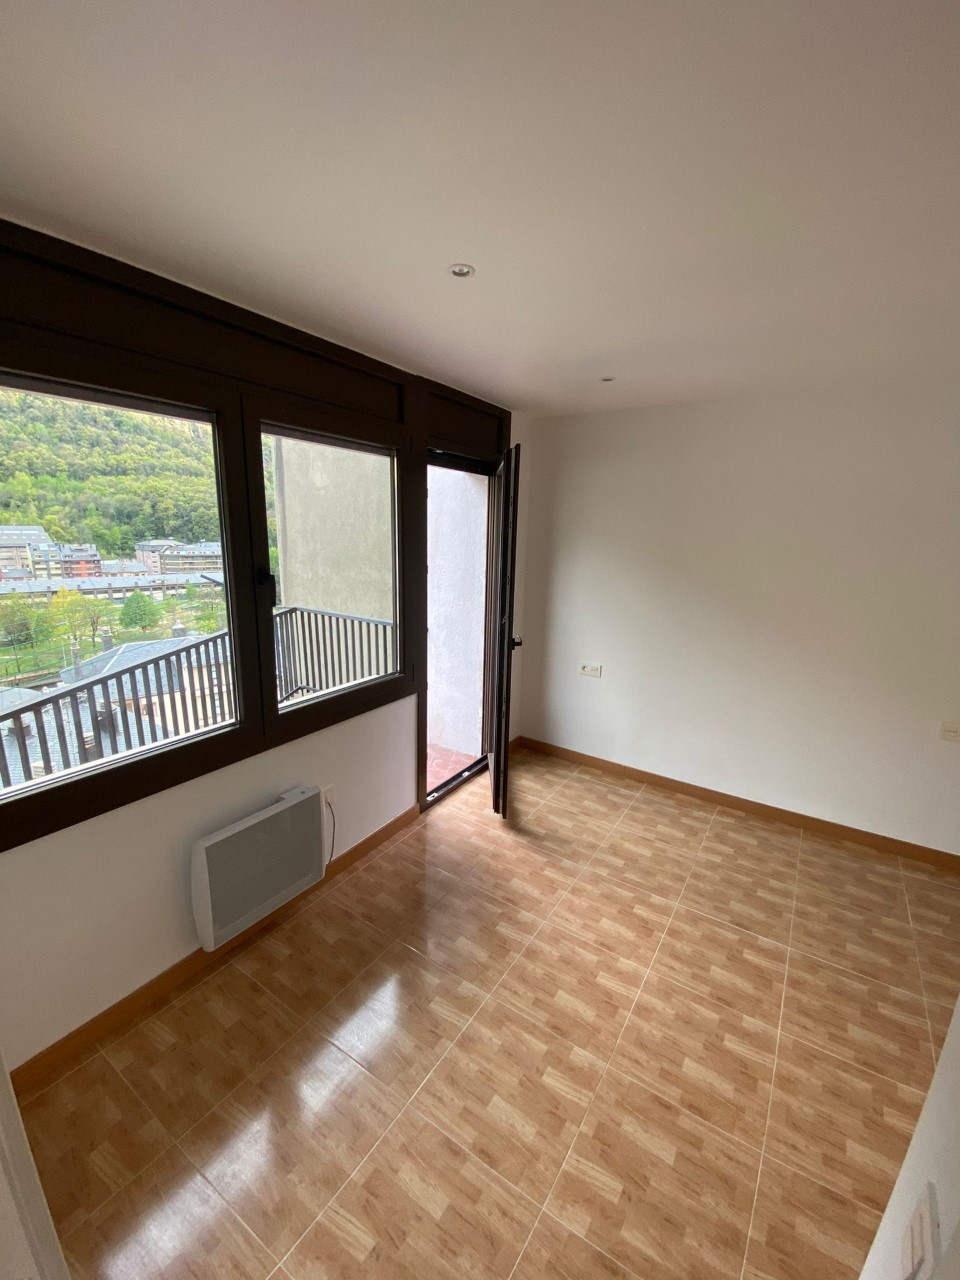 Pis de lloguer a Andorra la Vella, 2 habitacions, 105 metres